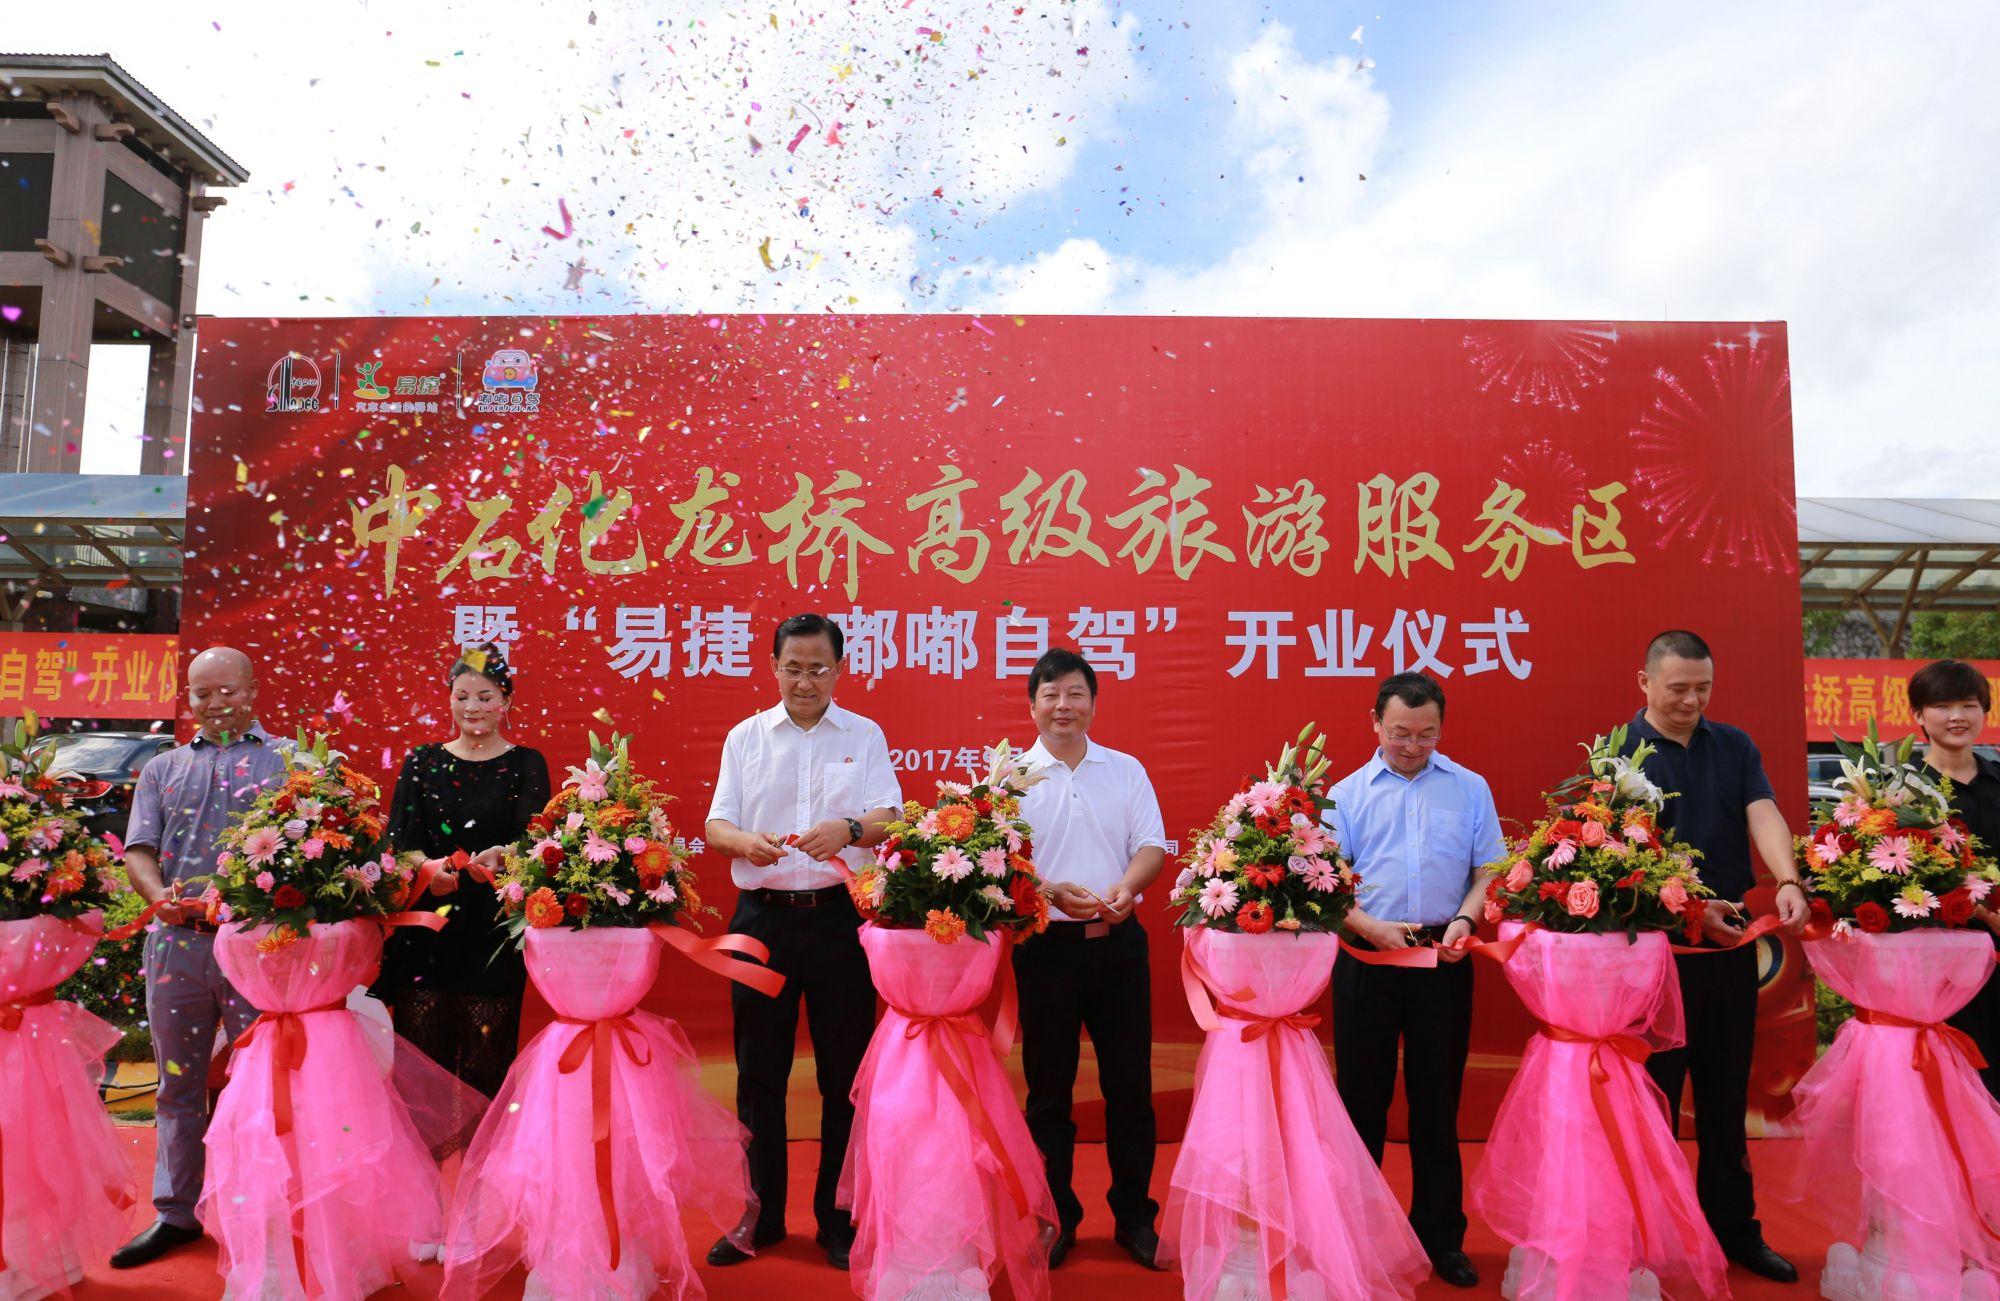 中石化海南石油分公司首次跨界与海南旅游企业联姻